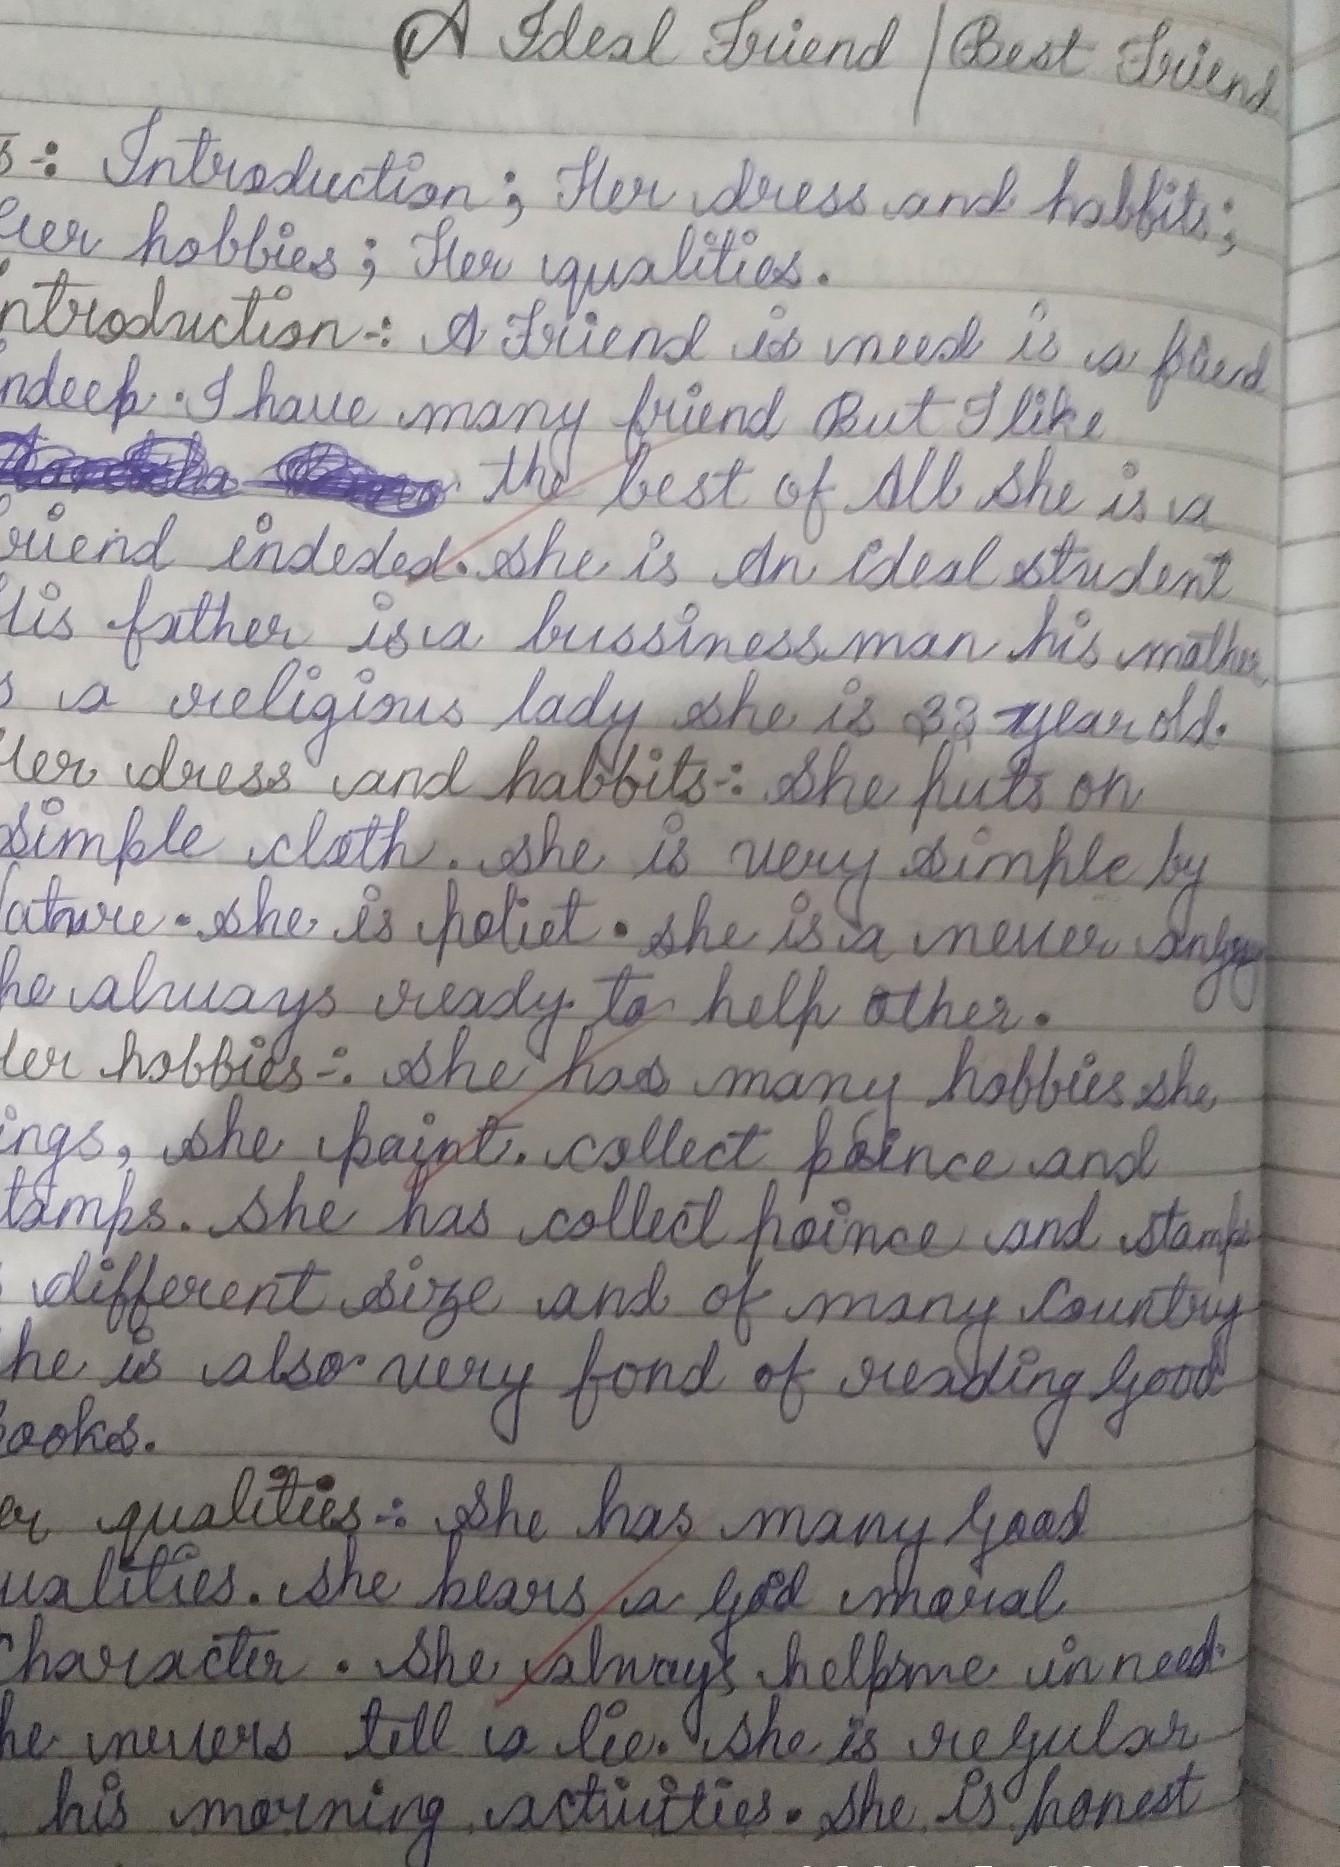 Write A Descriptive Paragraph In 100 120 Words To Describe